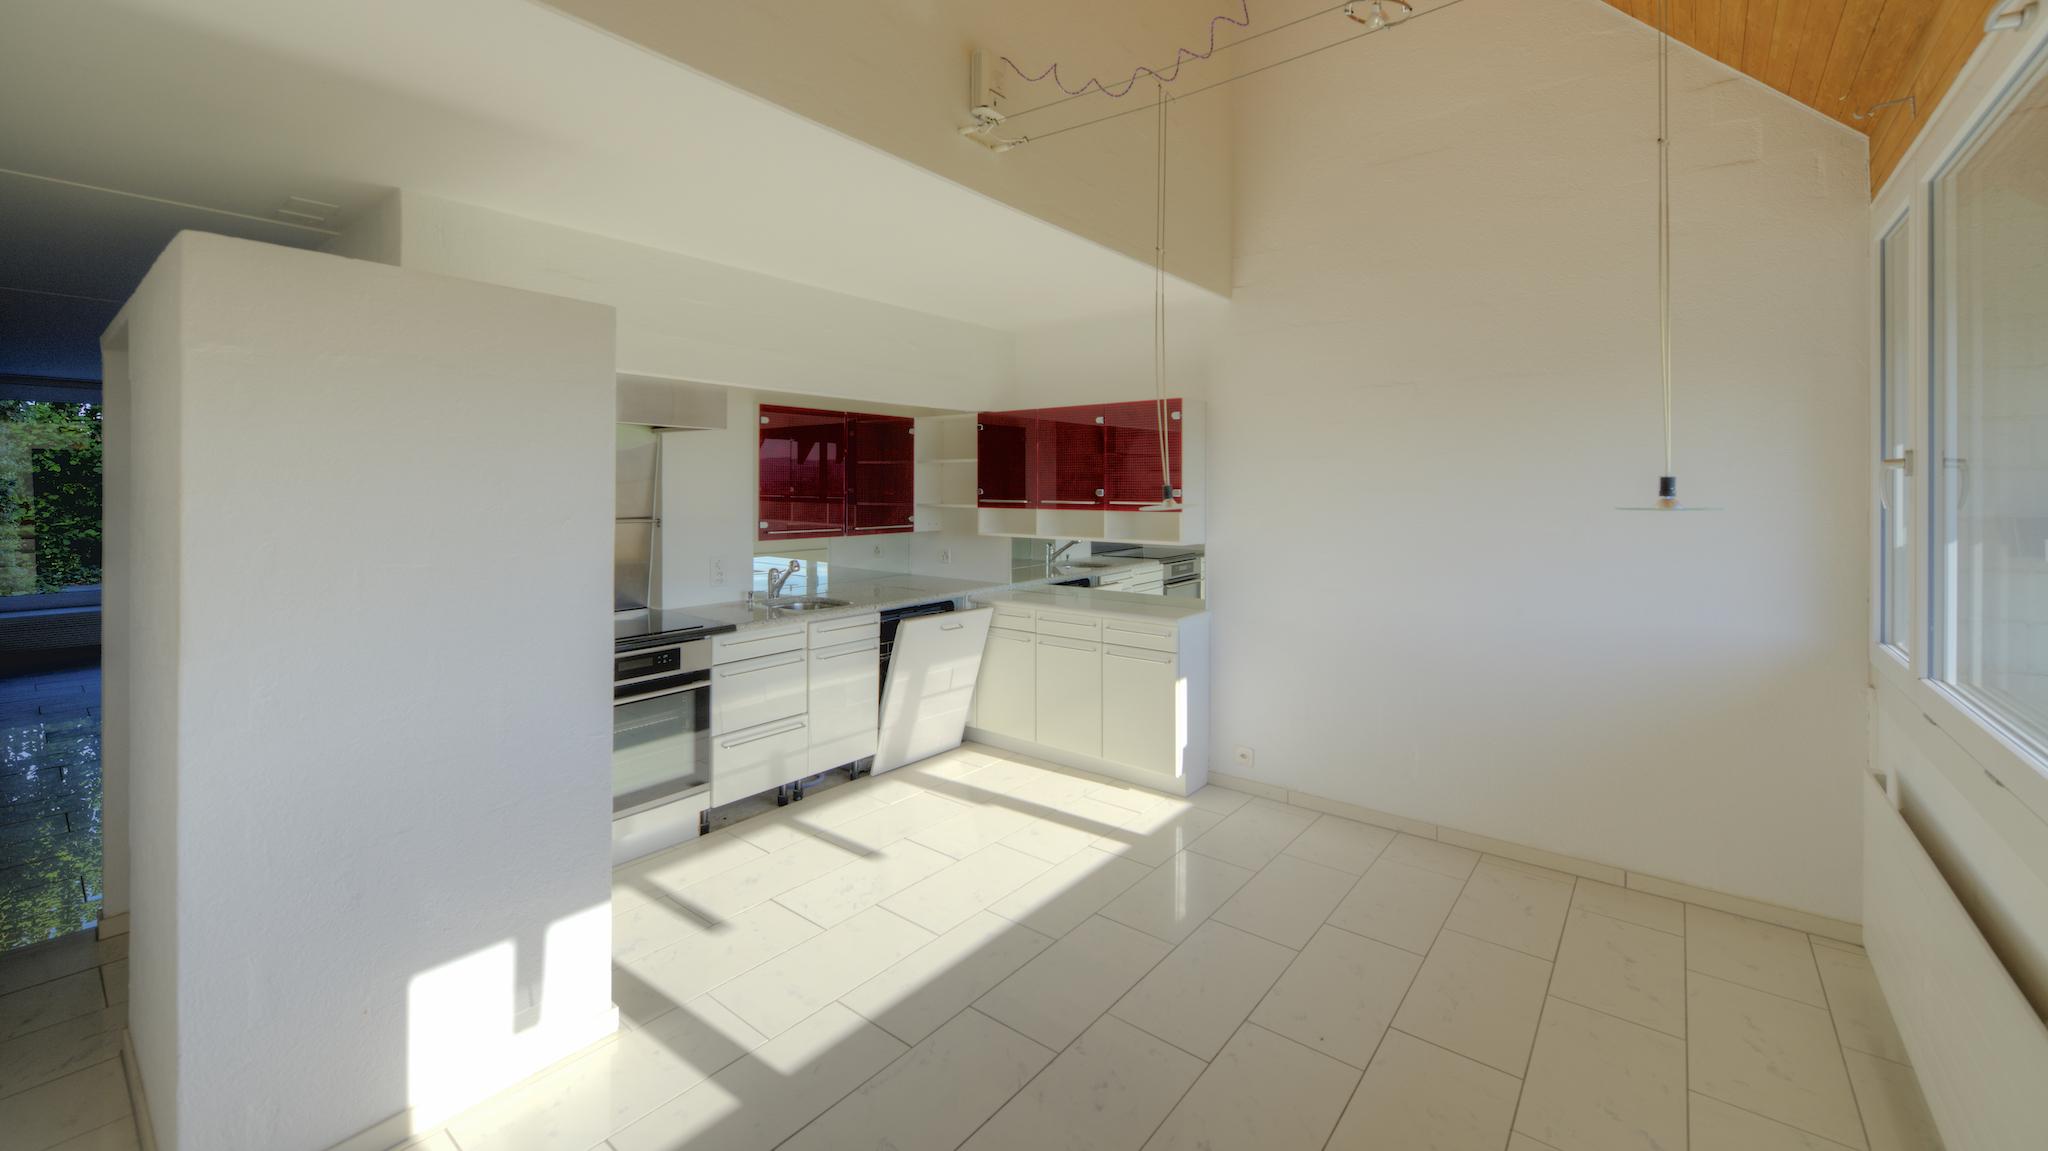 Küche im Wohngeschoss